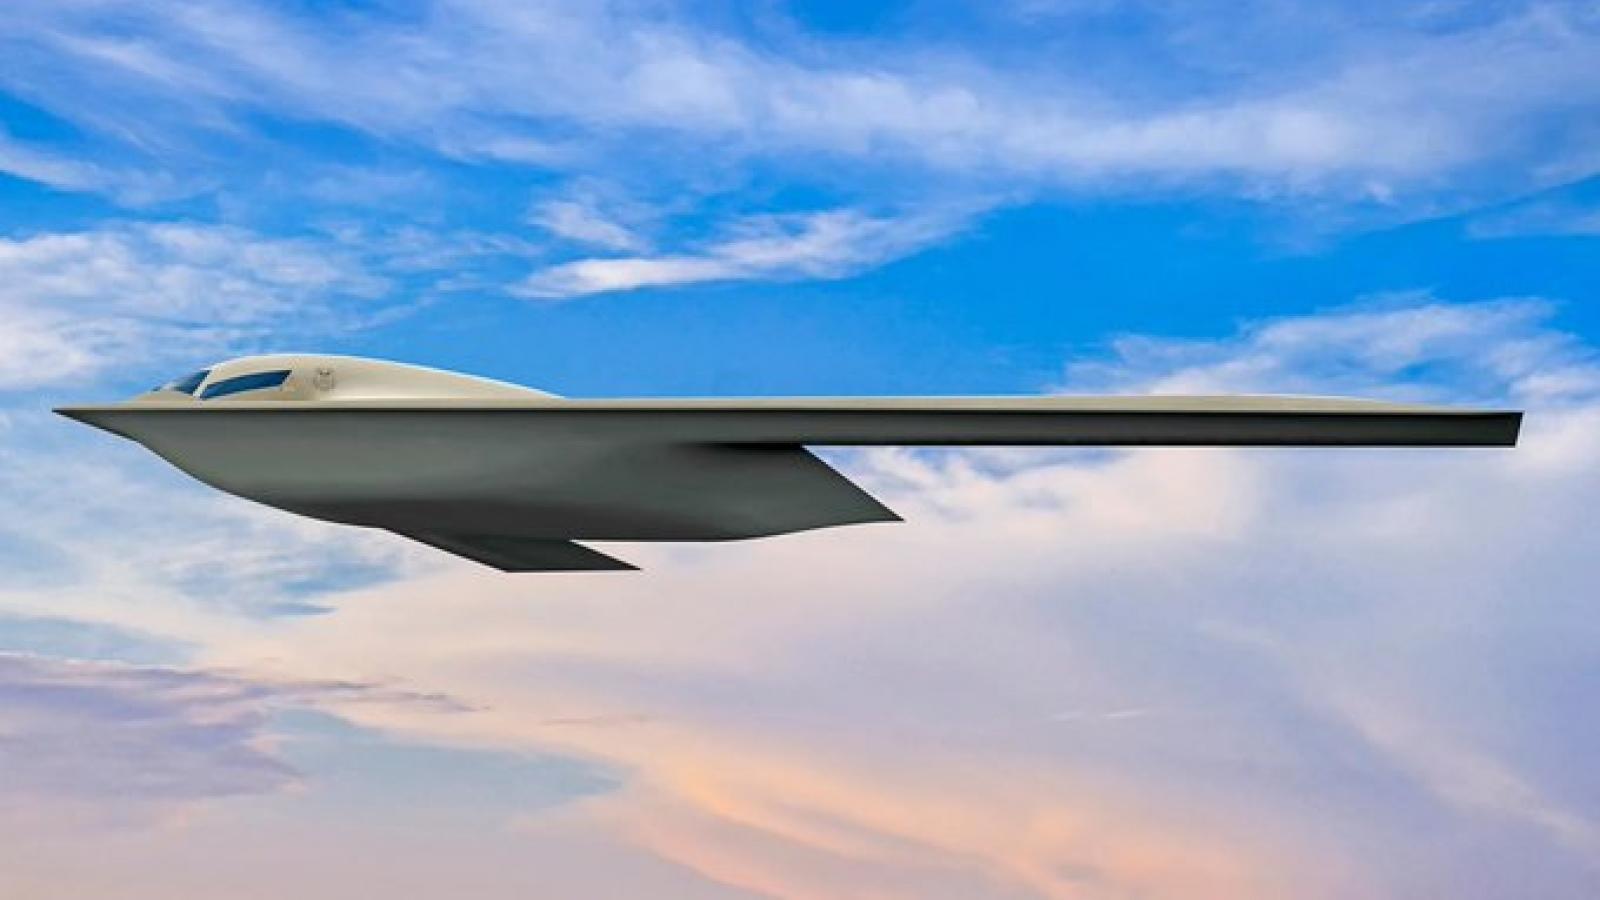 Mỹ công bố hình ảnh mới nhất về máy bay ném bom tàng hình B-21